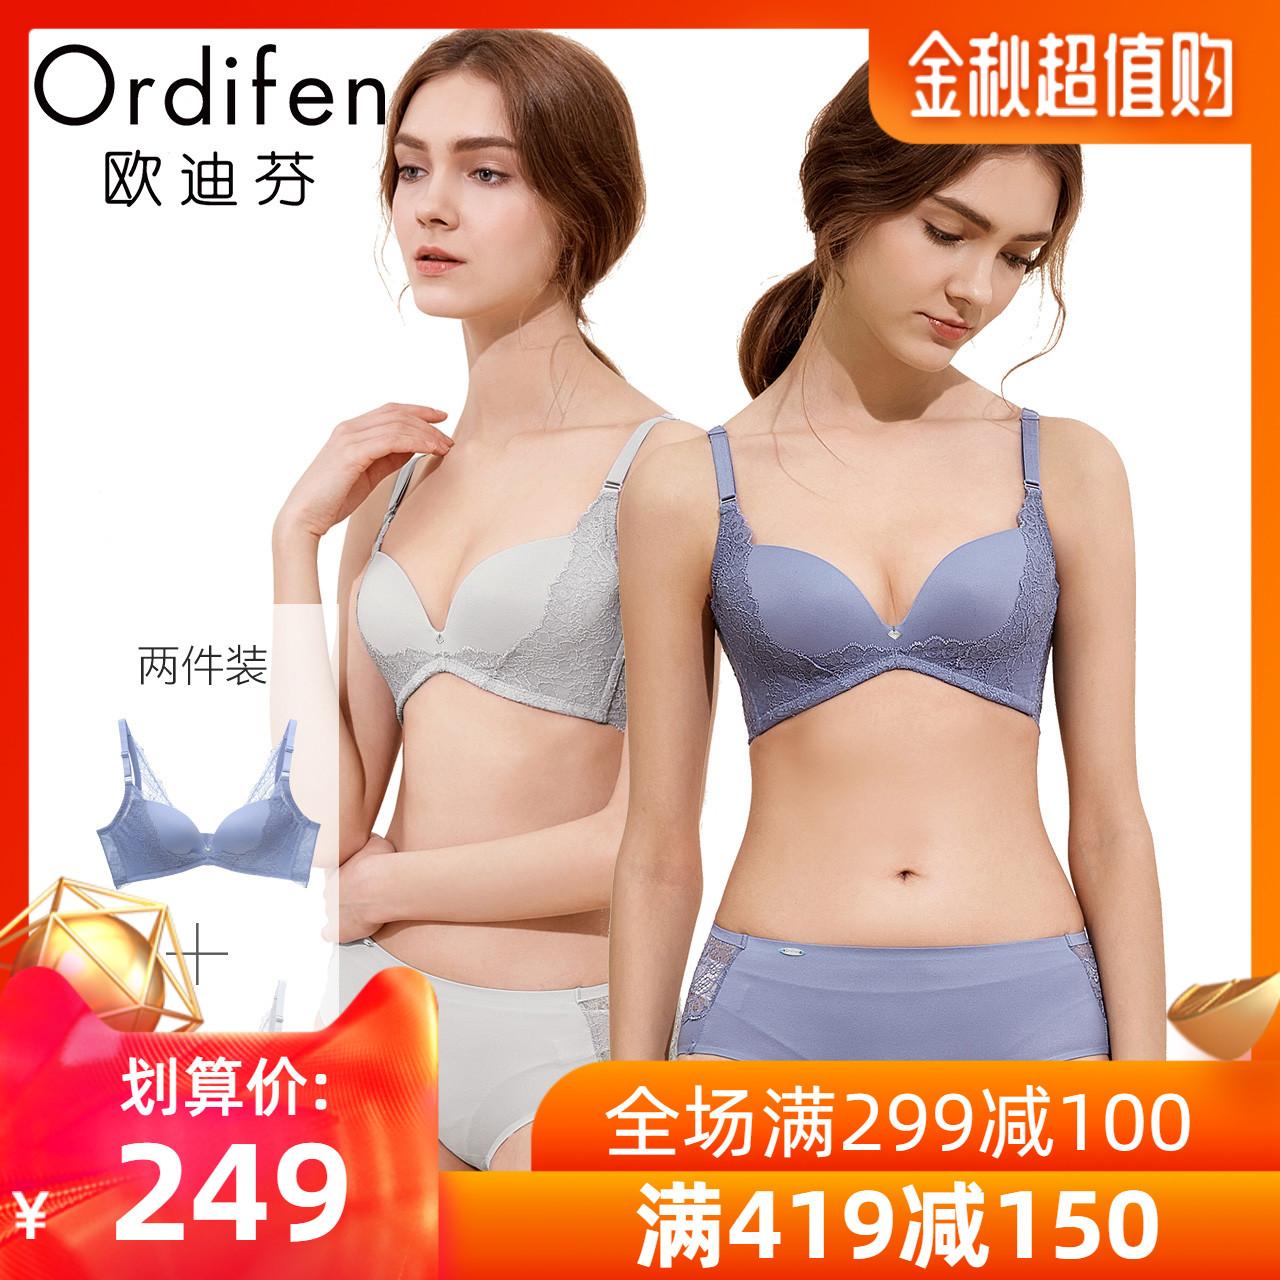 2件装欧迪芬性感光面女无钢圈文胸热销77件限时2件3折